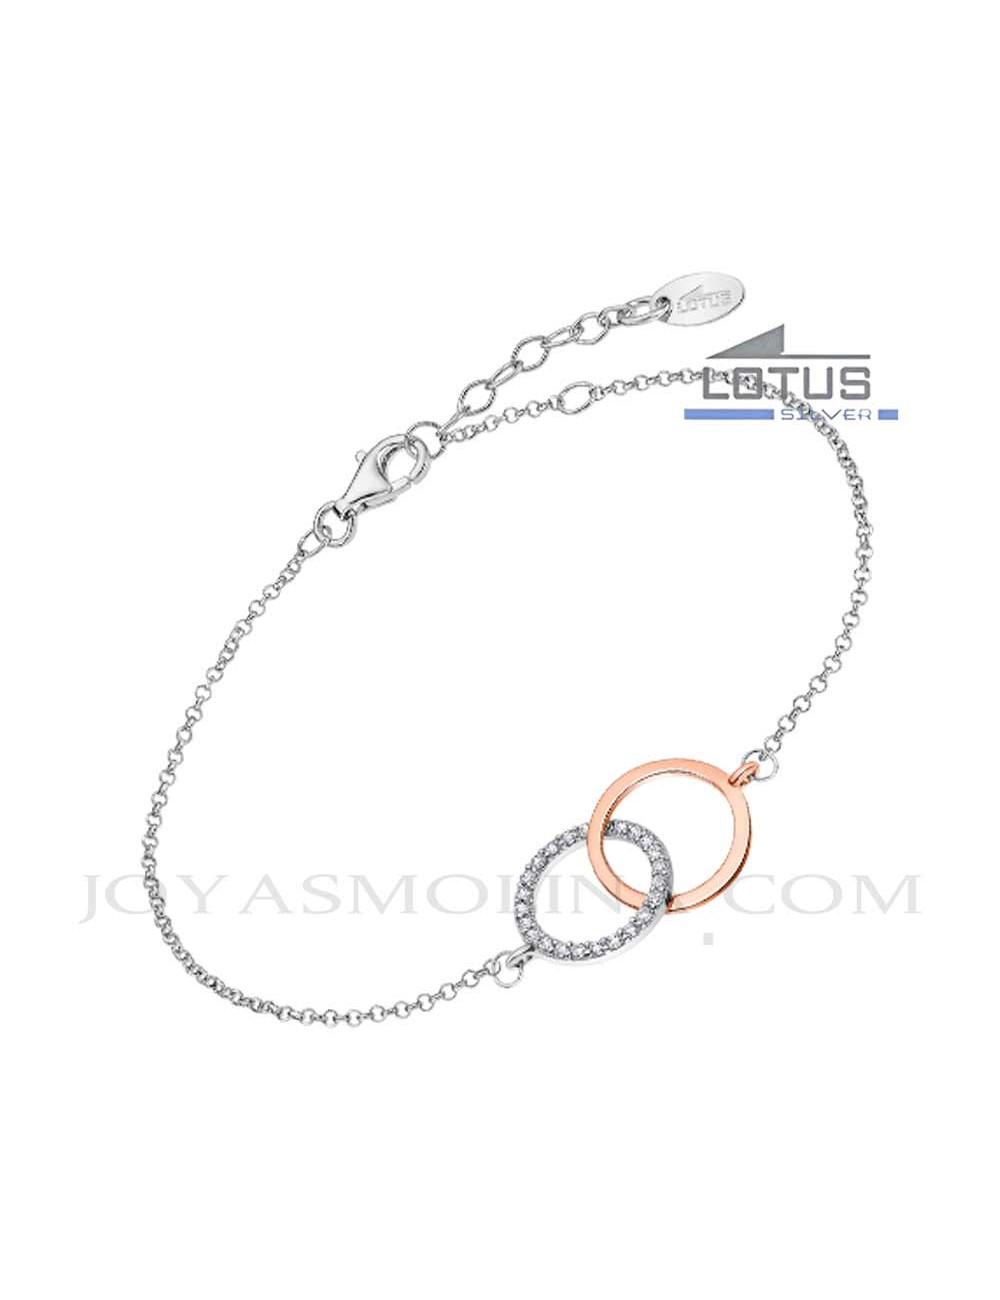 Pulsera Lotus plata doble circulo circonitas dorado rosa LP1955-2-1